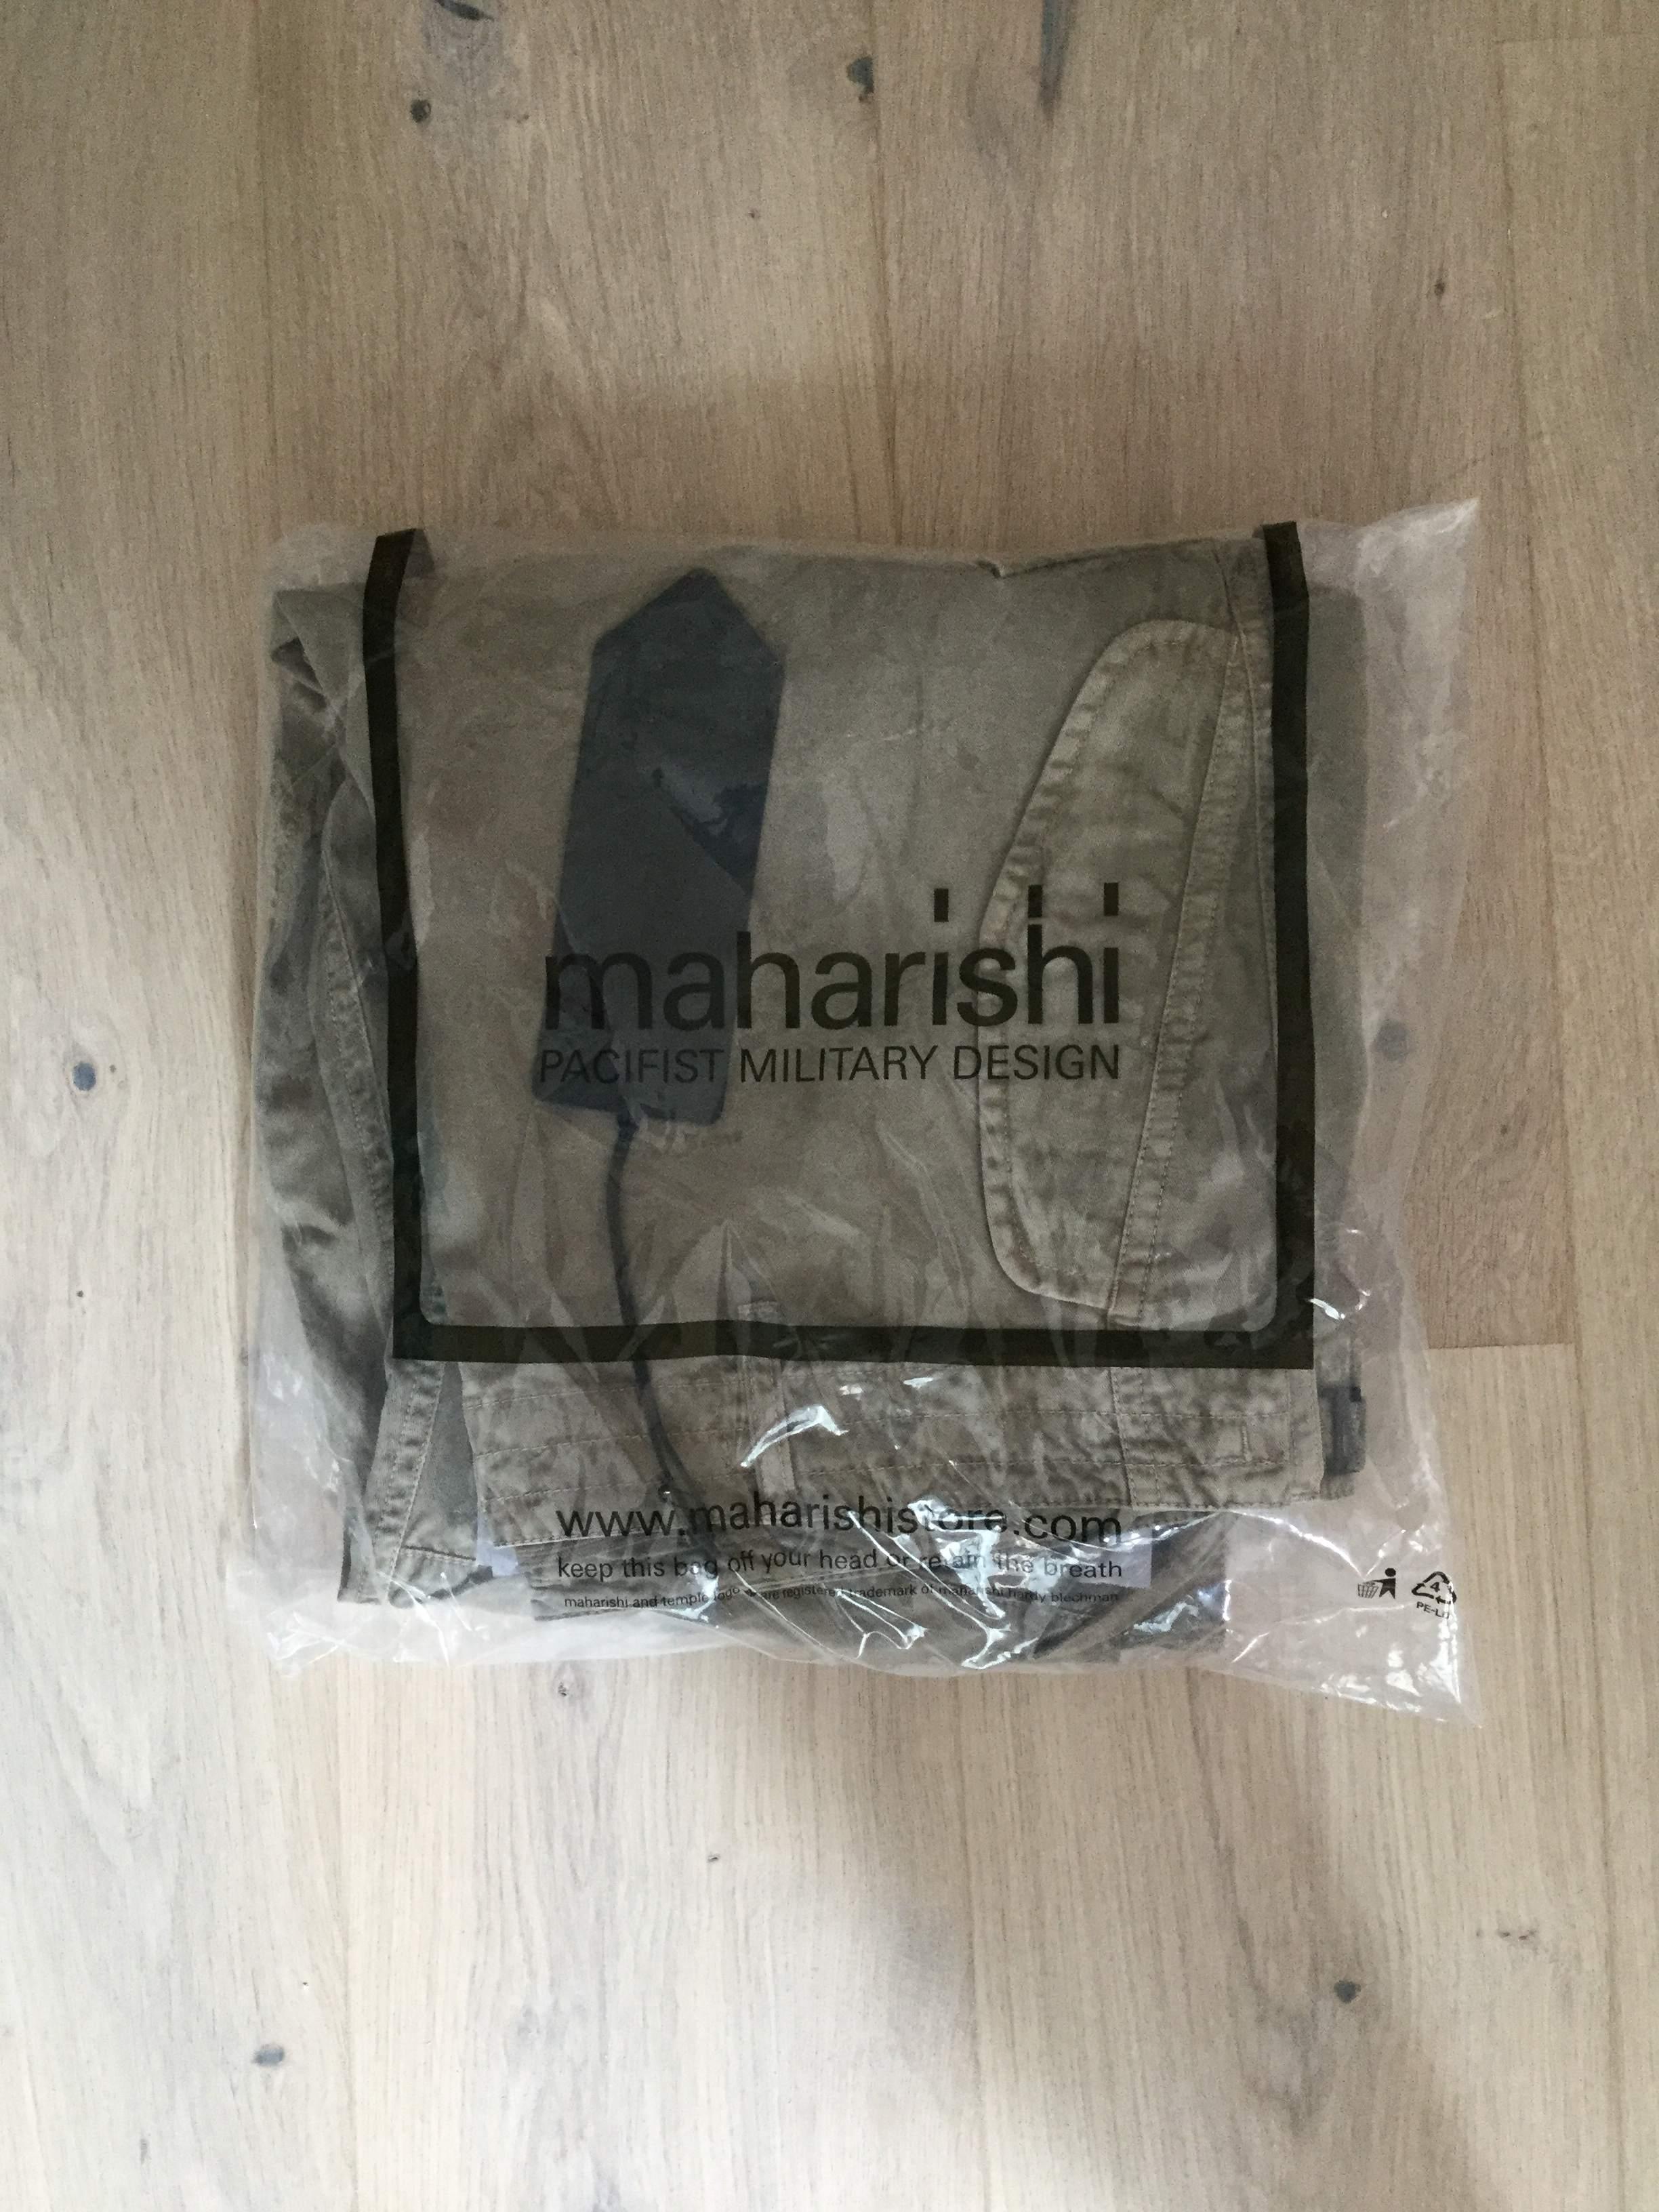 Maharishi cargo pant large sand brand new